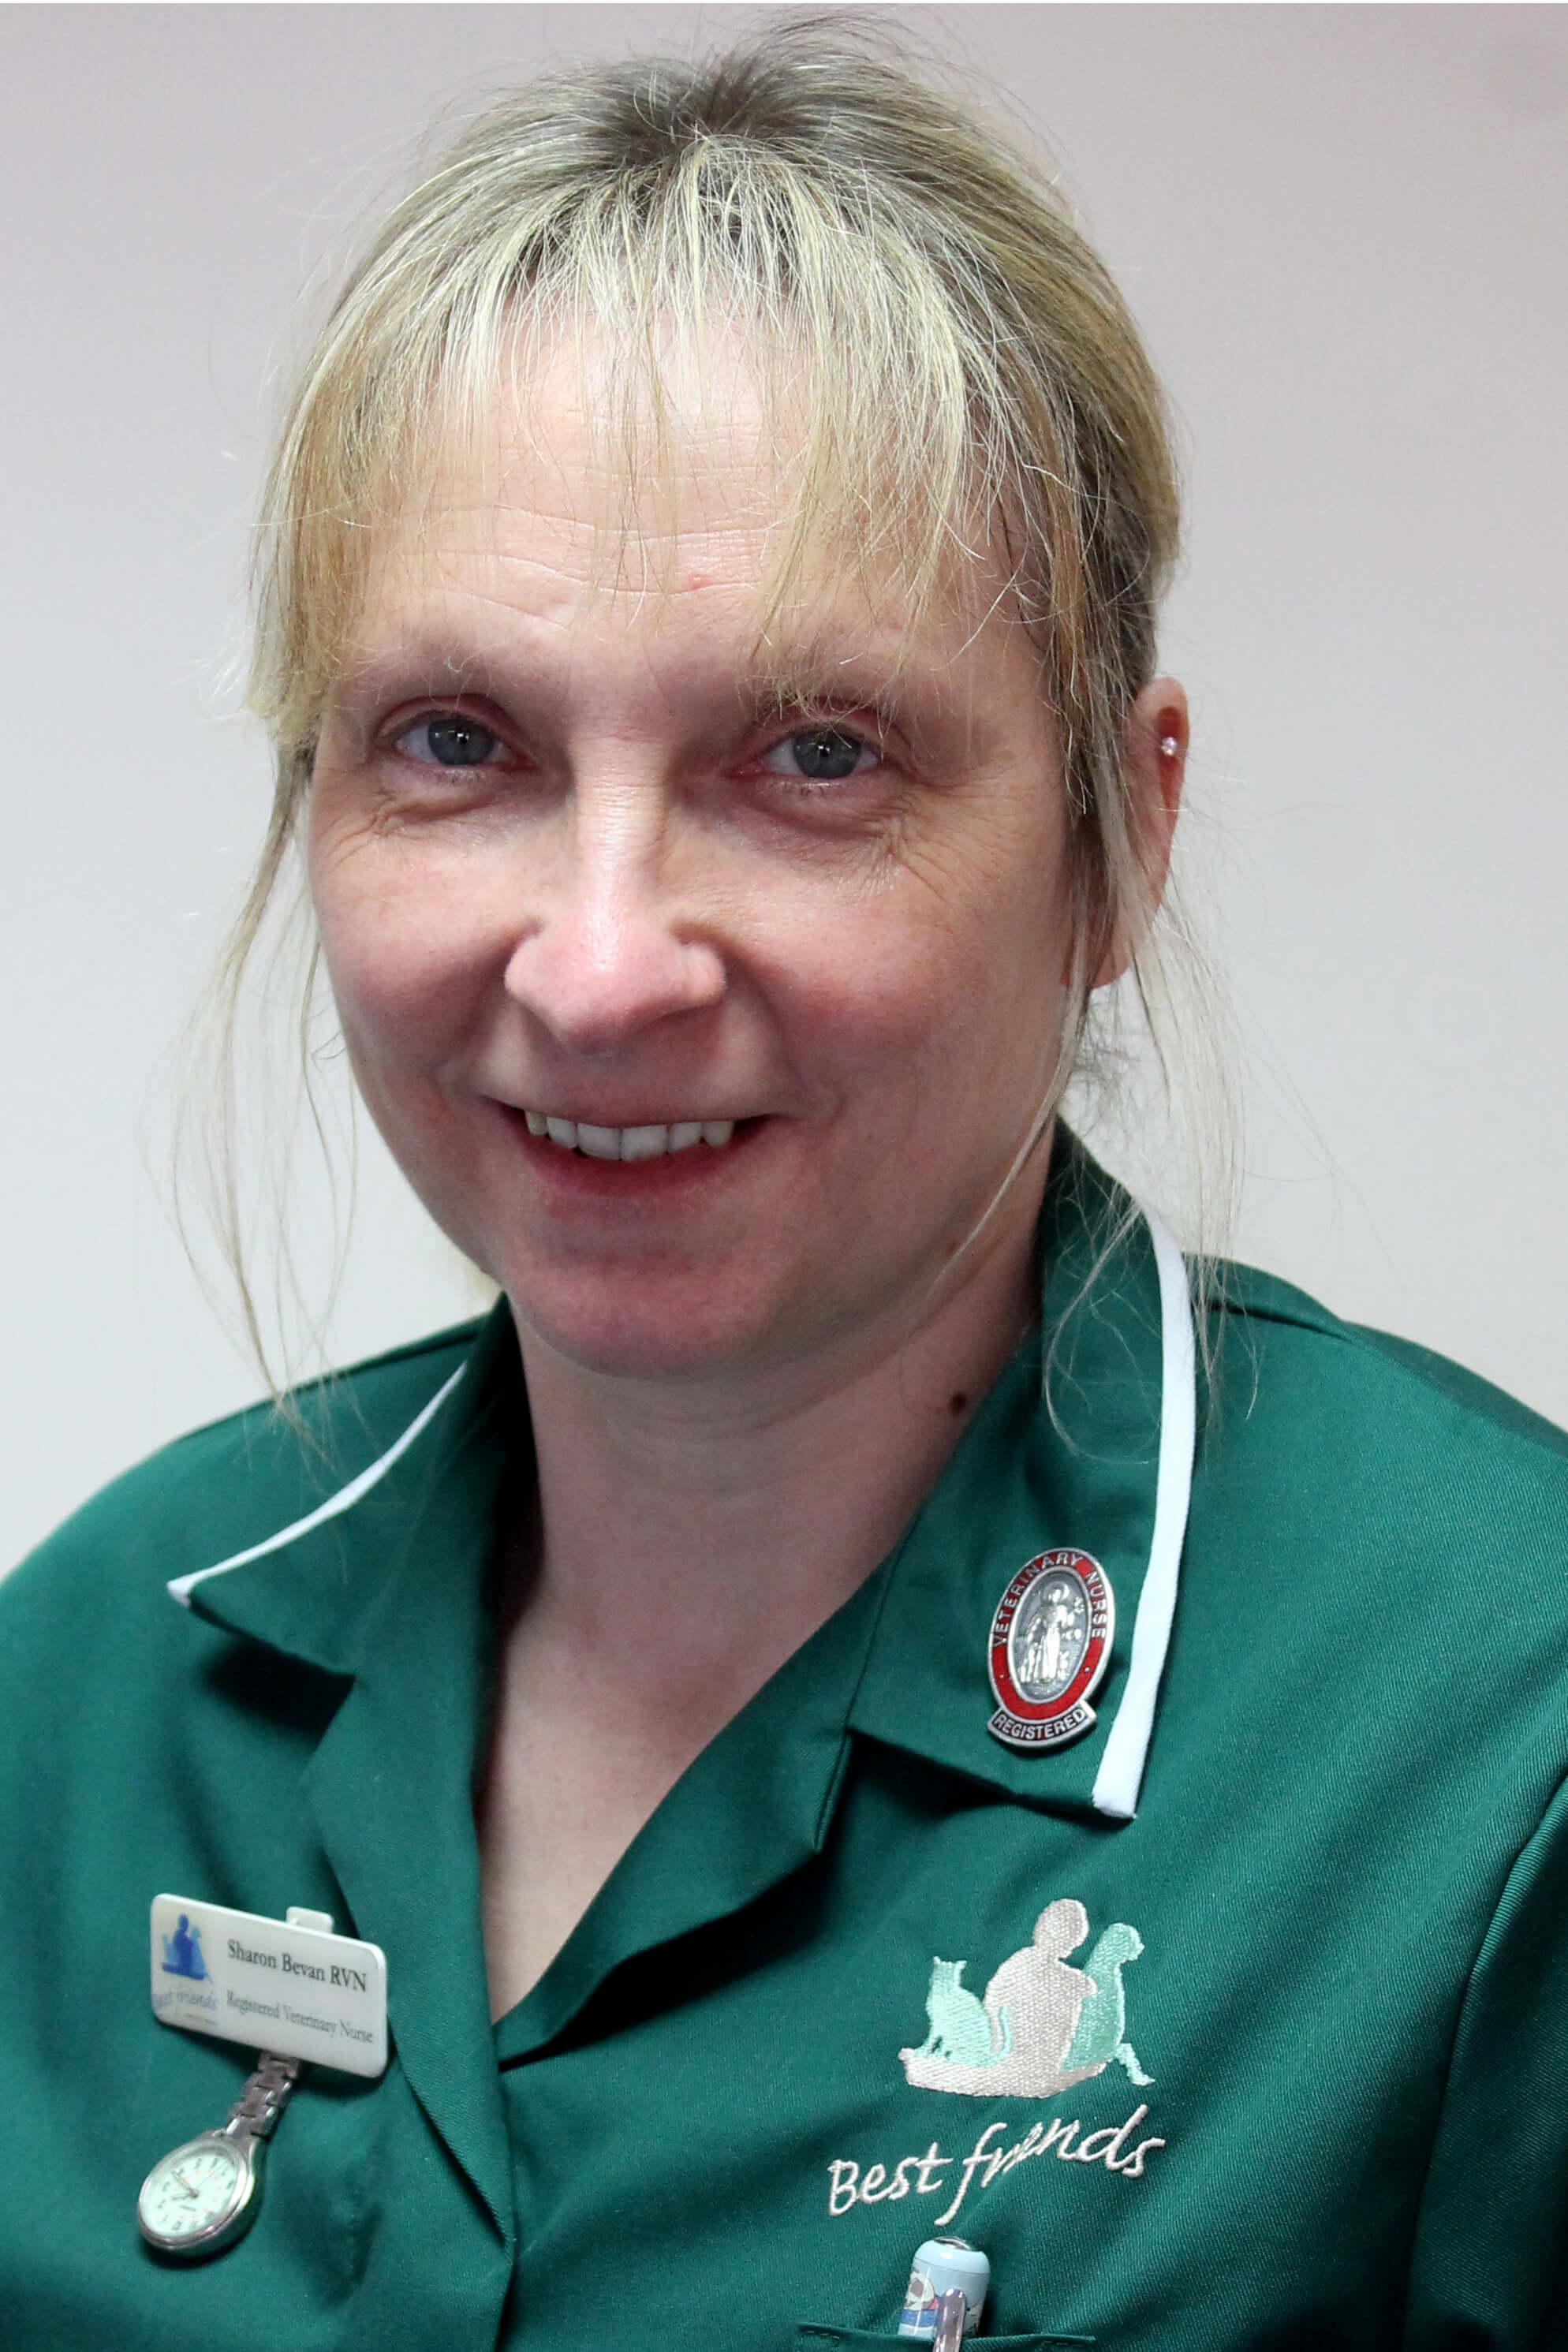 Sharon Bevan